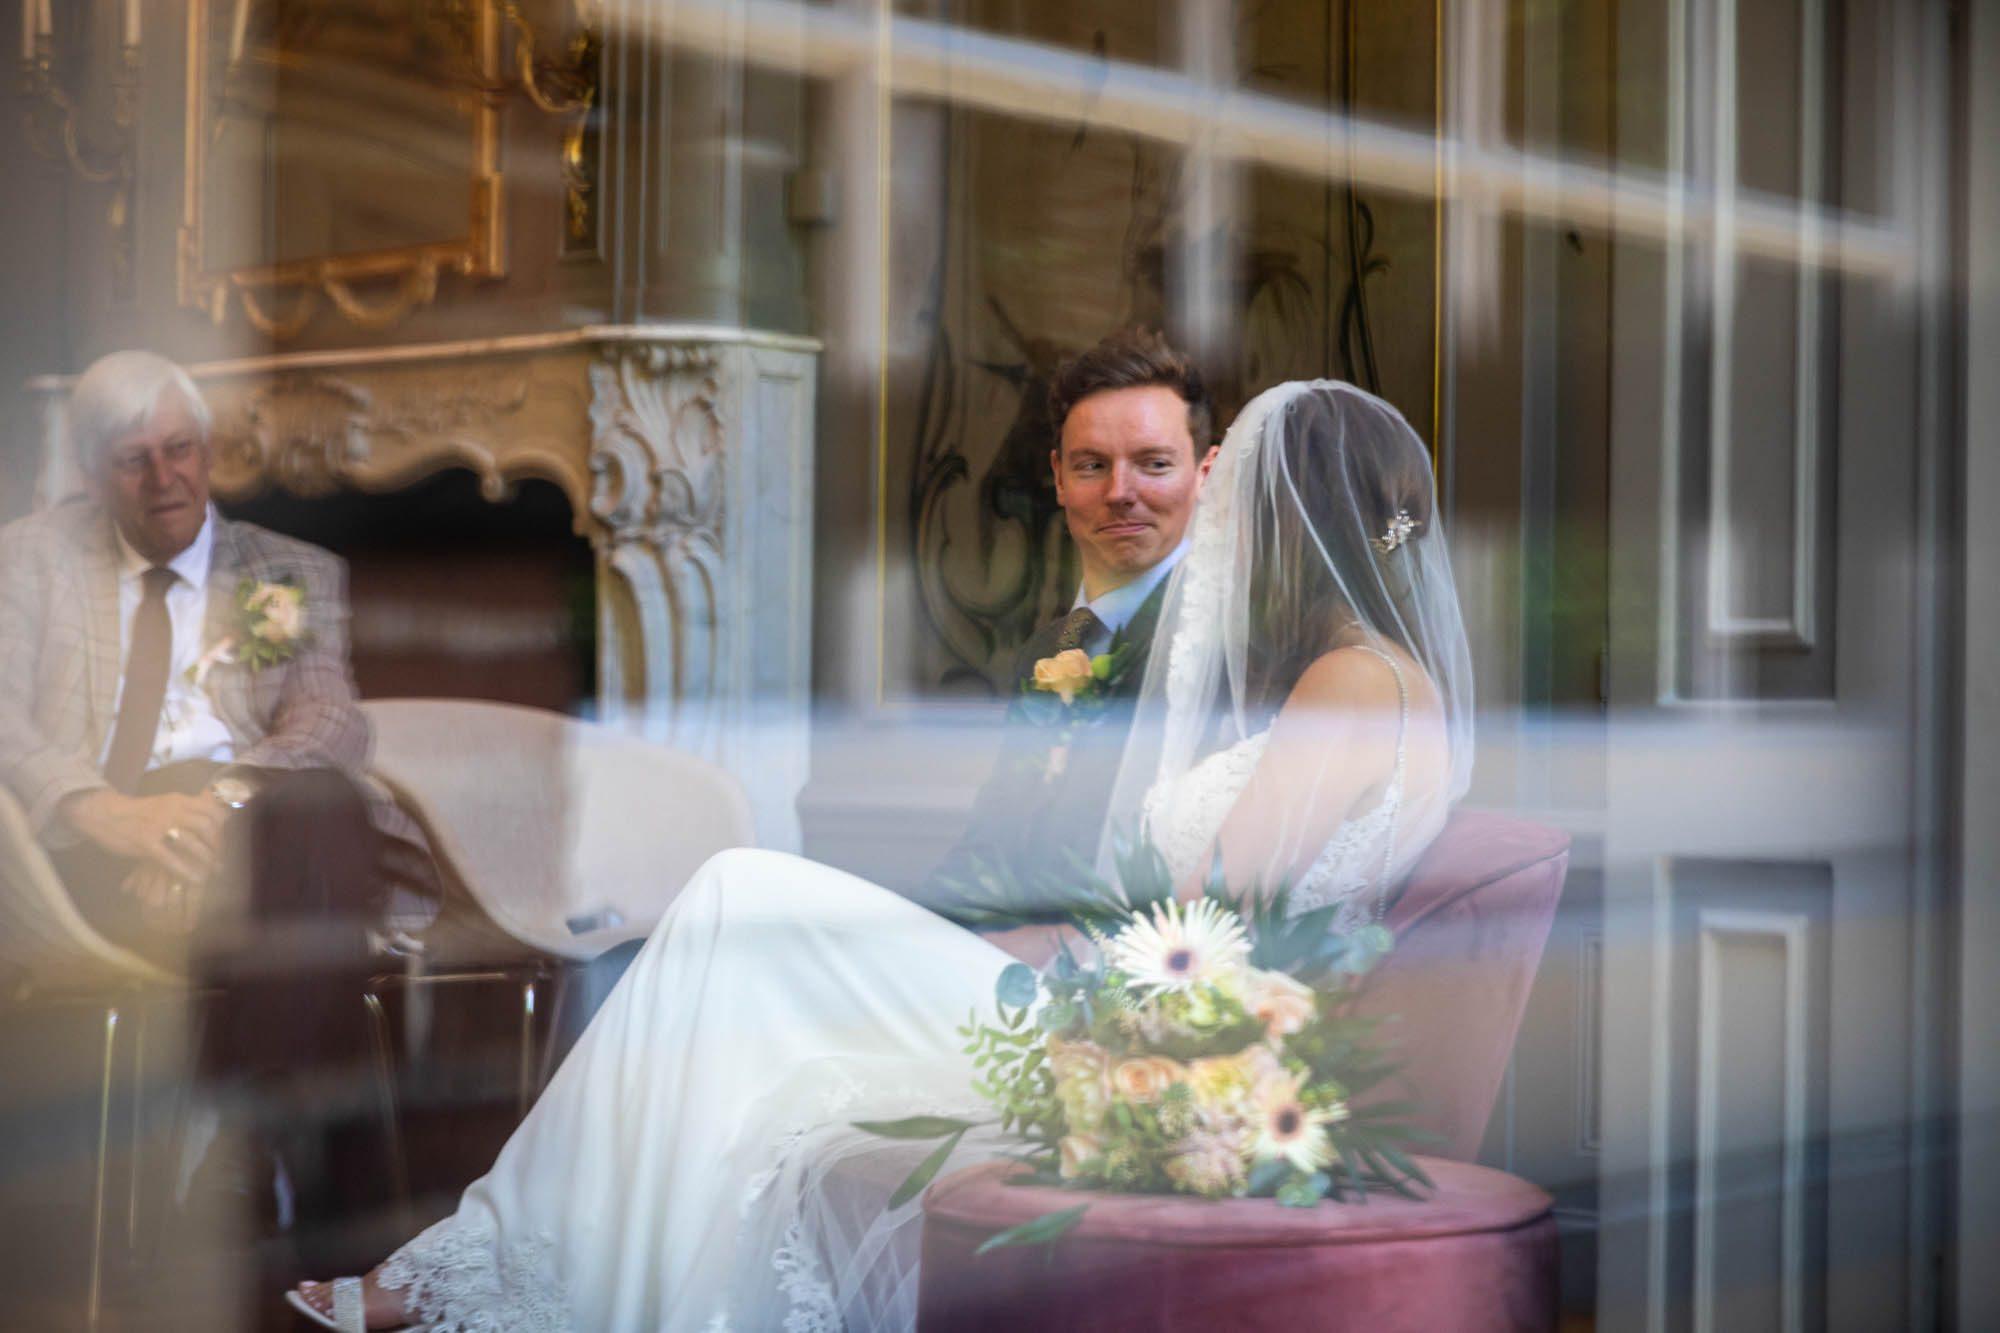 Ceremonie bruiloft Buitenplaats Sparrendaal.